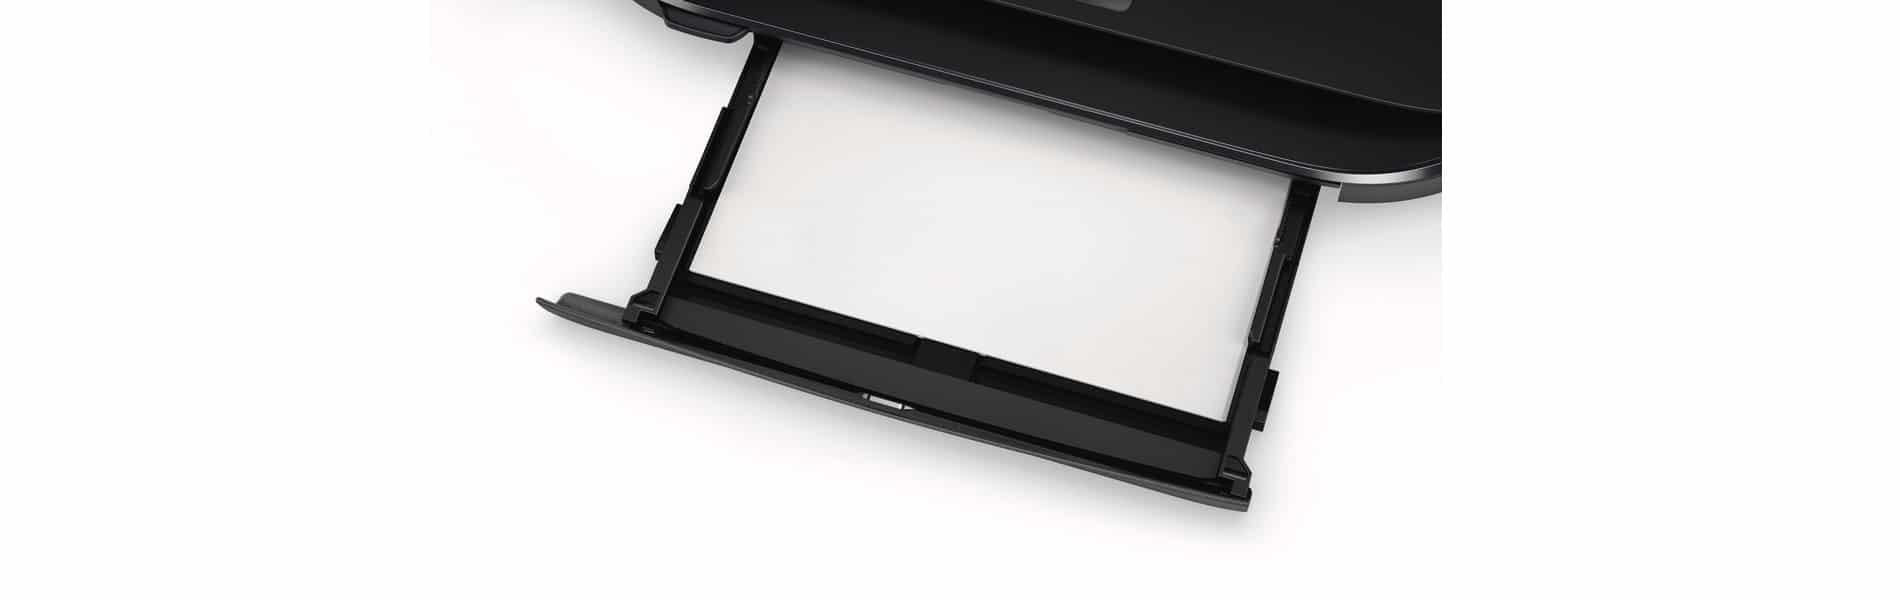 Achten Sie darauf, dass das Papier richtig in der Papierkassette eingelegt ist. Andernfalls druckt der Drucker schief oder es entsteht ein Papierstau.